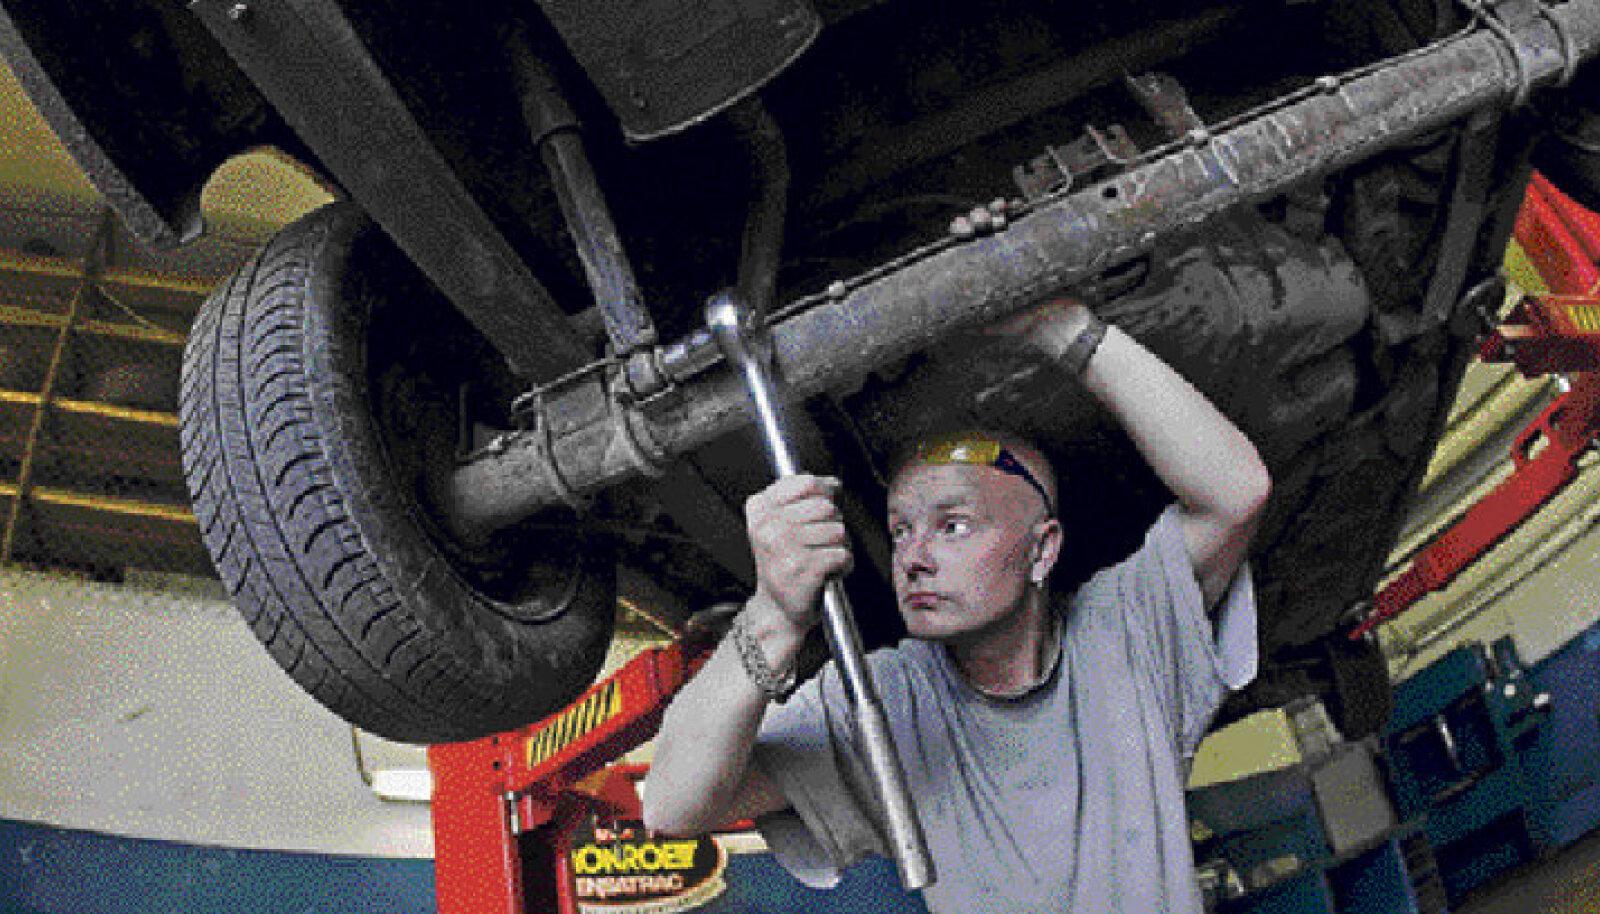 Kui endal on oskusi piisavalt, siis võib olla targem ise autot remontida. Pildil viskab töömees Reinis iseteenindustöökojas autole pilku peale.